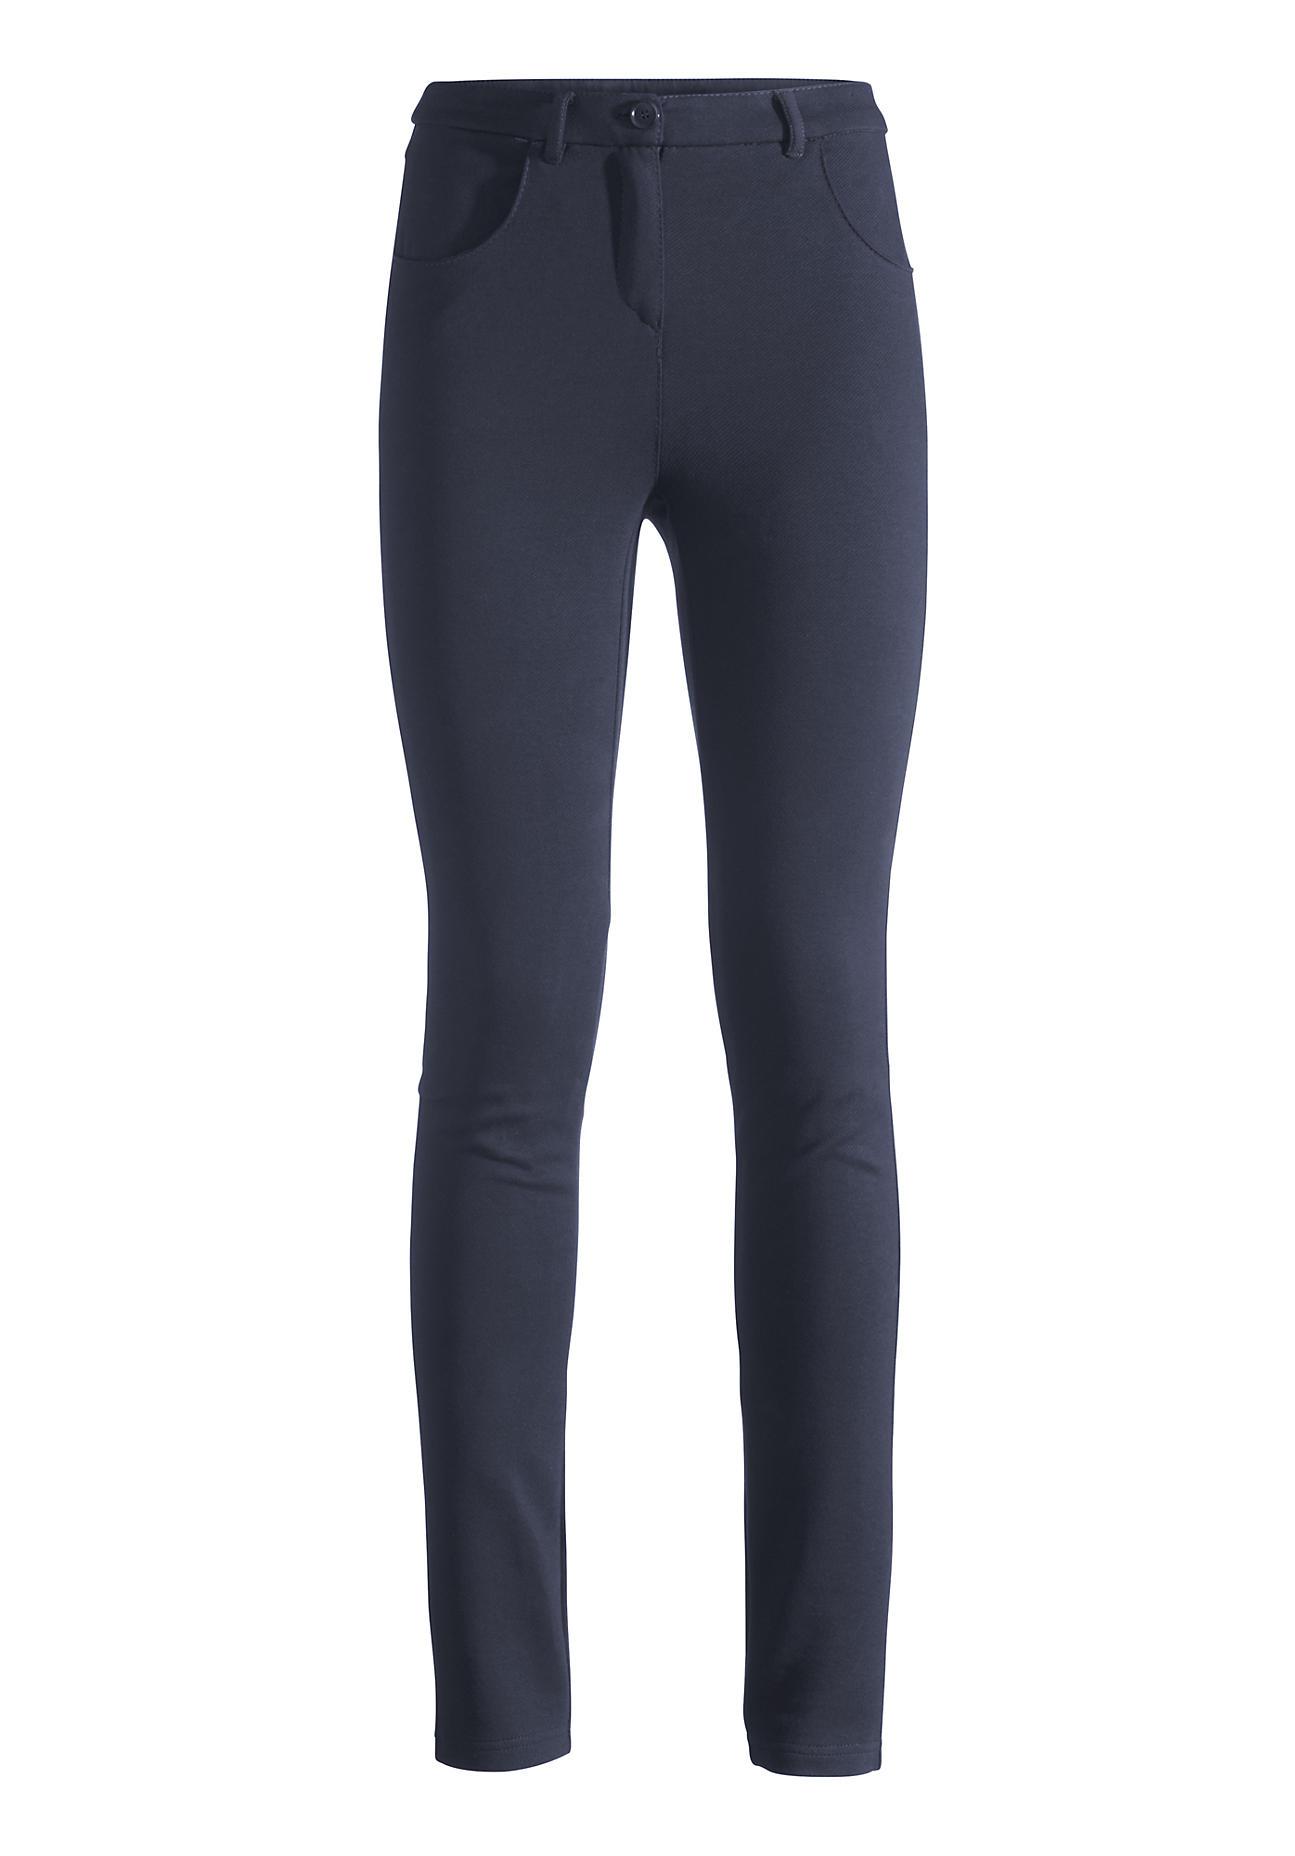 Hosen für Frauen - hessnatur Damen Hose aus Bio Baumwolle – blau –  - Onlineshop Hessnatur